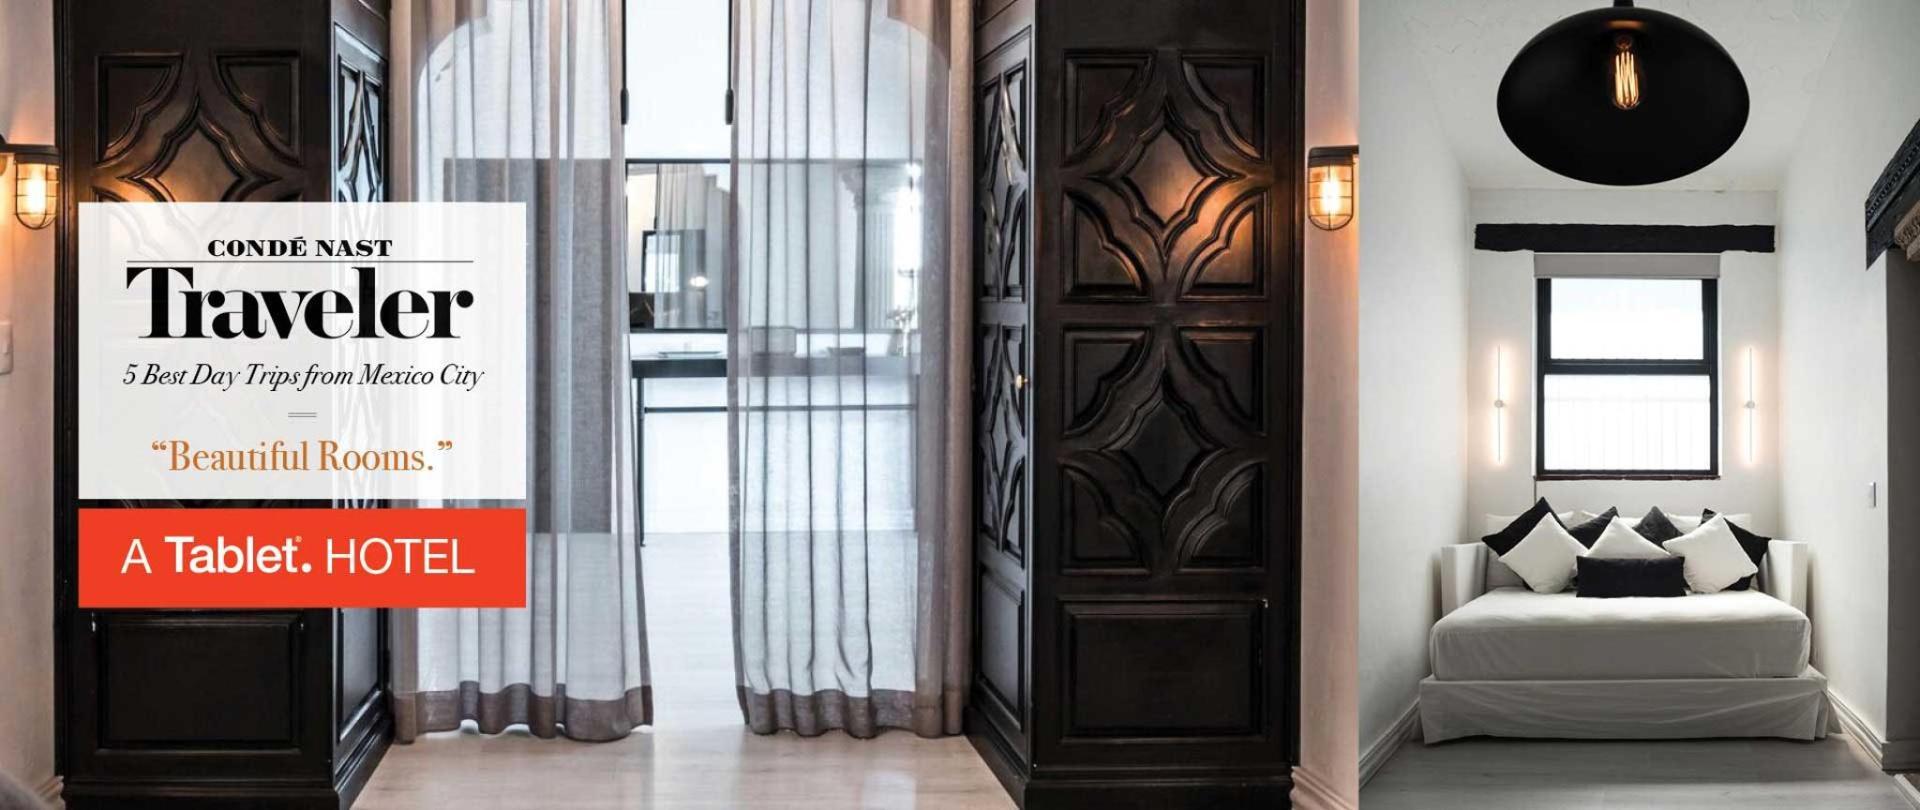 Nuestras habitaciones son hermosas y lo dice la revista Conde Nast Traveler! Las Casas B+B Boutique Hotel, Spa & Restaurante en Cuernavaca.